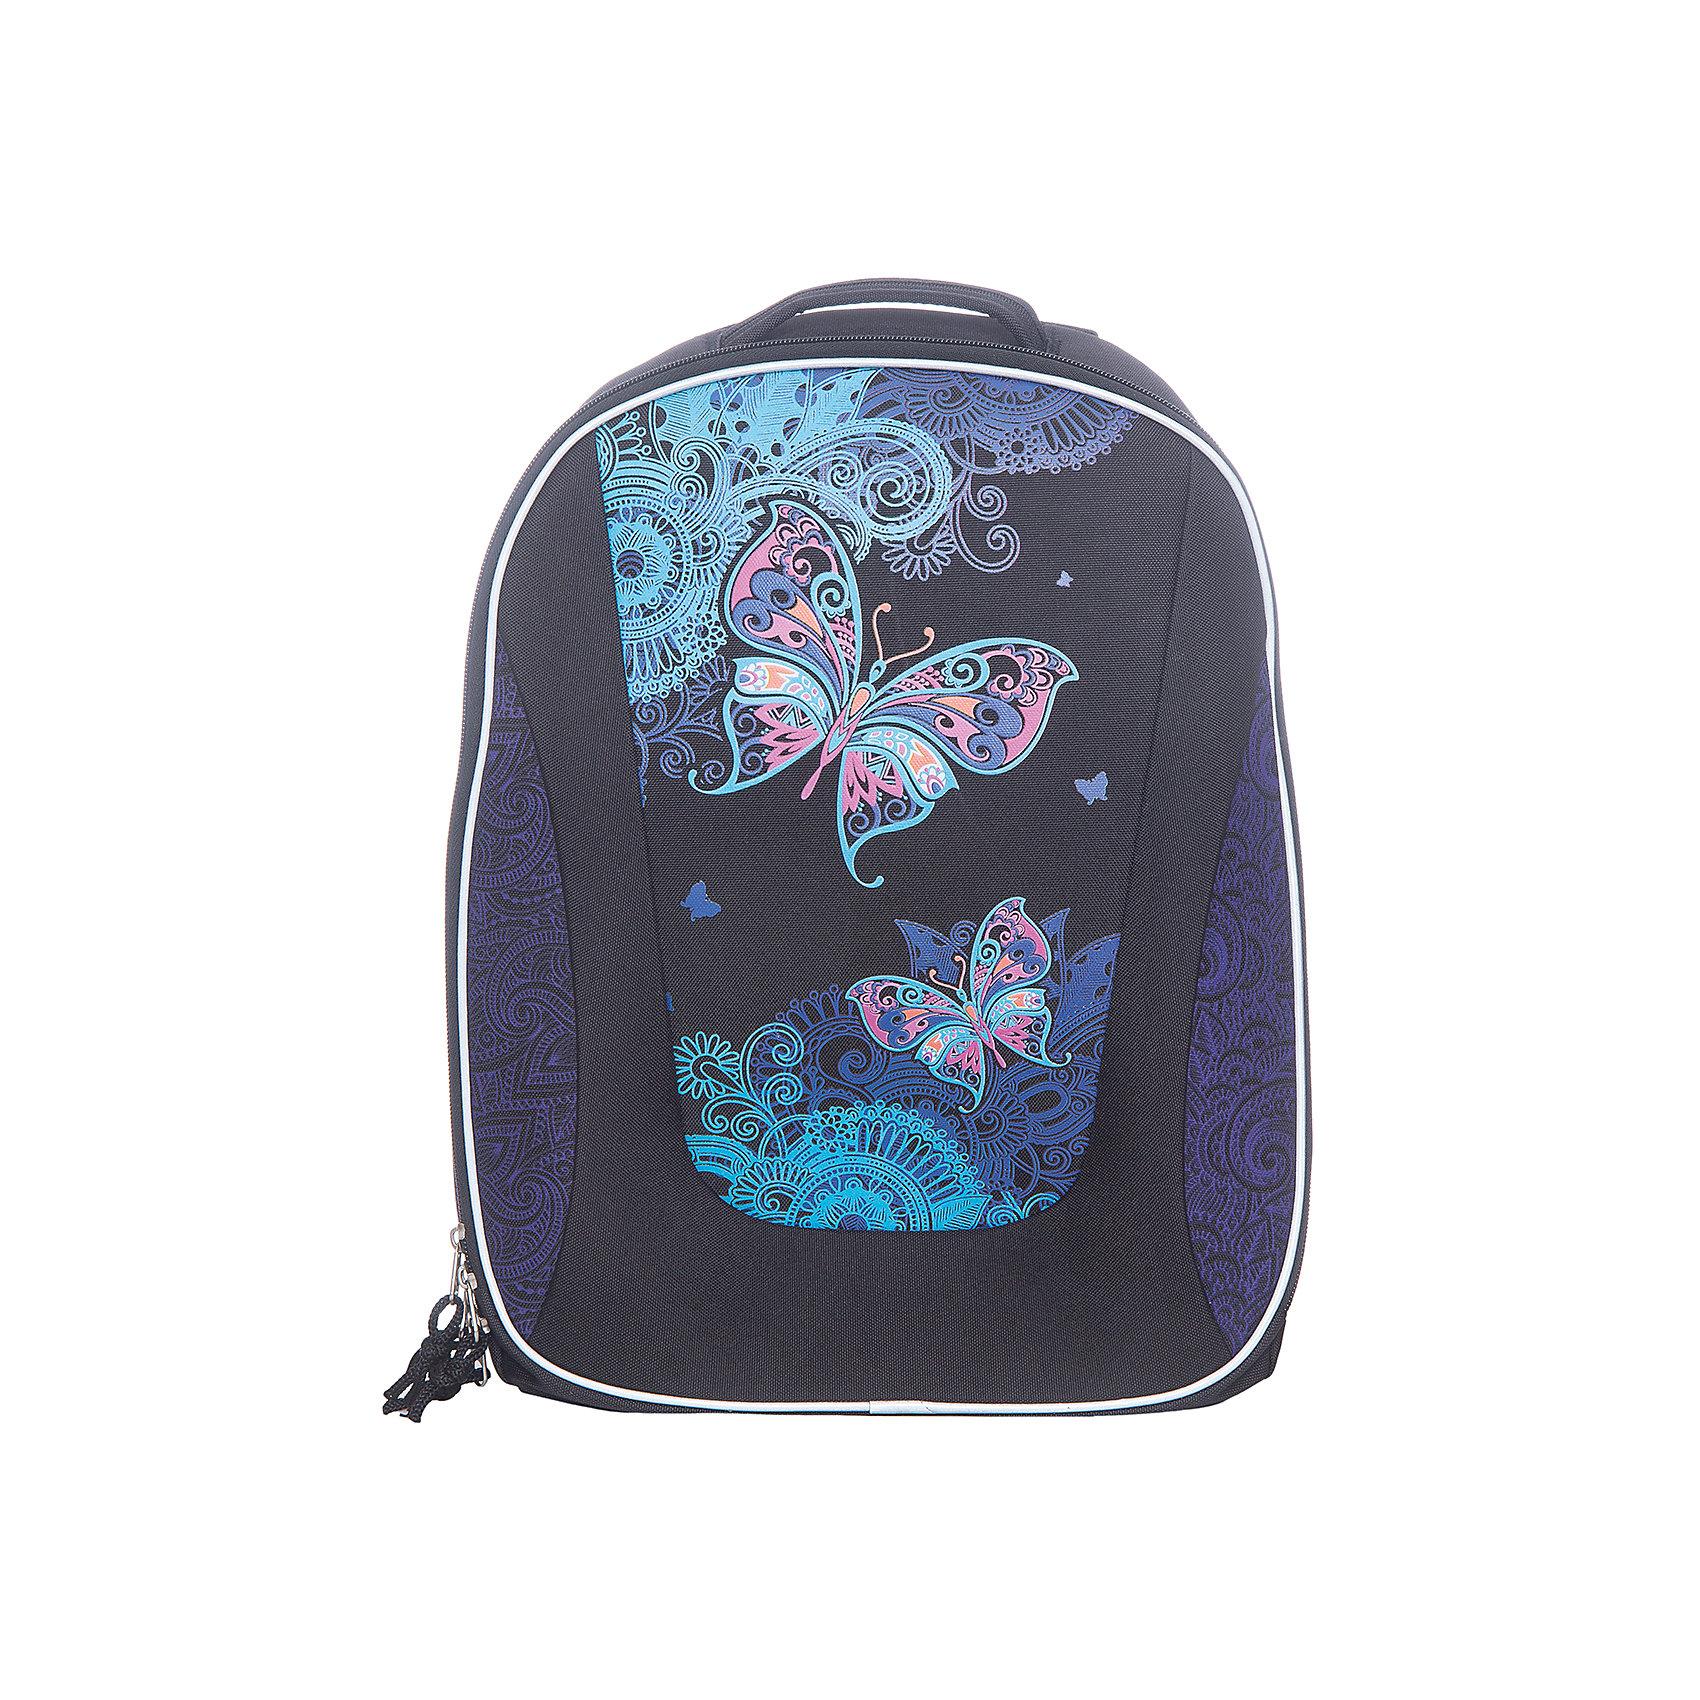 Erich Krause Рюкзак школьный с эргономичной спинкой Magic ButterflyРюкзаки<br>Характеристики товара:<br><br>• серия: Multi Pack<br>• коллекция:  Magic Butterfly<br>• для средней и старшей школы<br>• цвет: черный, фиолетовый<br>• материал: полиэстер, пластик<br>• спинка: эргономичная<br>• размер изделия: 40x32x18 см<br>• вес в кг: 820гр<br>• страна бренда: Германия<br>• страна изготовитель: Китай<br><br>Рюкзак ErichKrause Multi Pack - вместительный и удобный школьный рюкзак с твердой спинкой. <br><br>Во внутреннем отделении помещаются папки формата А4. Внутри имеется органайзер для канцелярских принадлежностей и небольшой кармашек для телефона. Спереди один большой карман на молнии, по бокам 2 сетчатых кармашка.<br><br>Эргономичная спинка поддерживает спину прямо и препятствует развитию сколиоза. Конструкция повторяет изгиб позвоночника, делая максимально комфортным ношение рюкзака. <br><br>Светоотражающие вставки гарантируют видимость на темной дороге.<br><br>Erich Krause Рюкзак школьный  с эргономичной спинкой Magic Butterfly можно купить в нашем интернет-магазине.<br><br>Ширина мм: 400<br>Глубина мм: 350<br>Высота мм: 180<br>Вес г: 1190<br>Возраст от месяцев: 72<br>Возраст до месяцев: 96<br>Пол: Женский<br>Возраст: Детский<br>SKU: 6842785